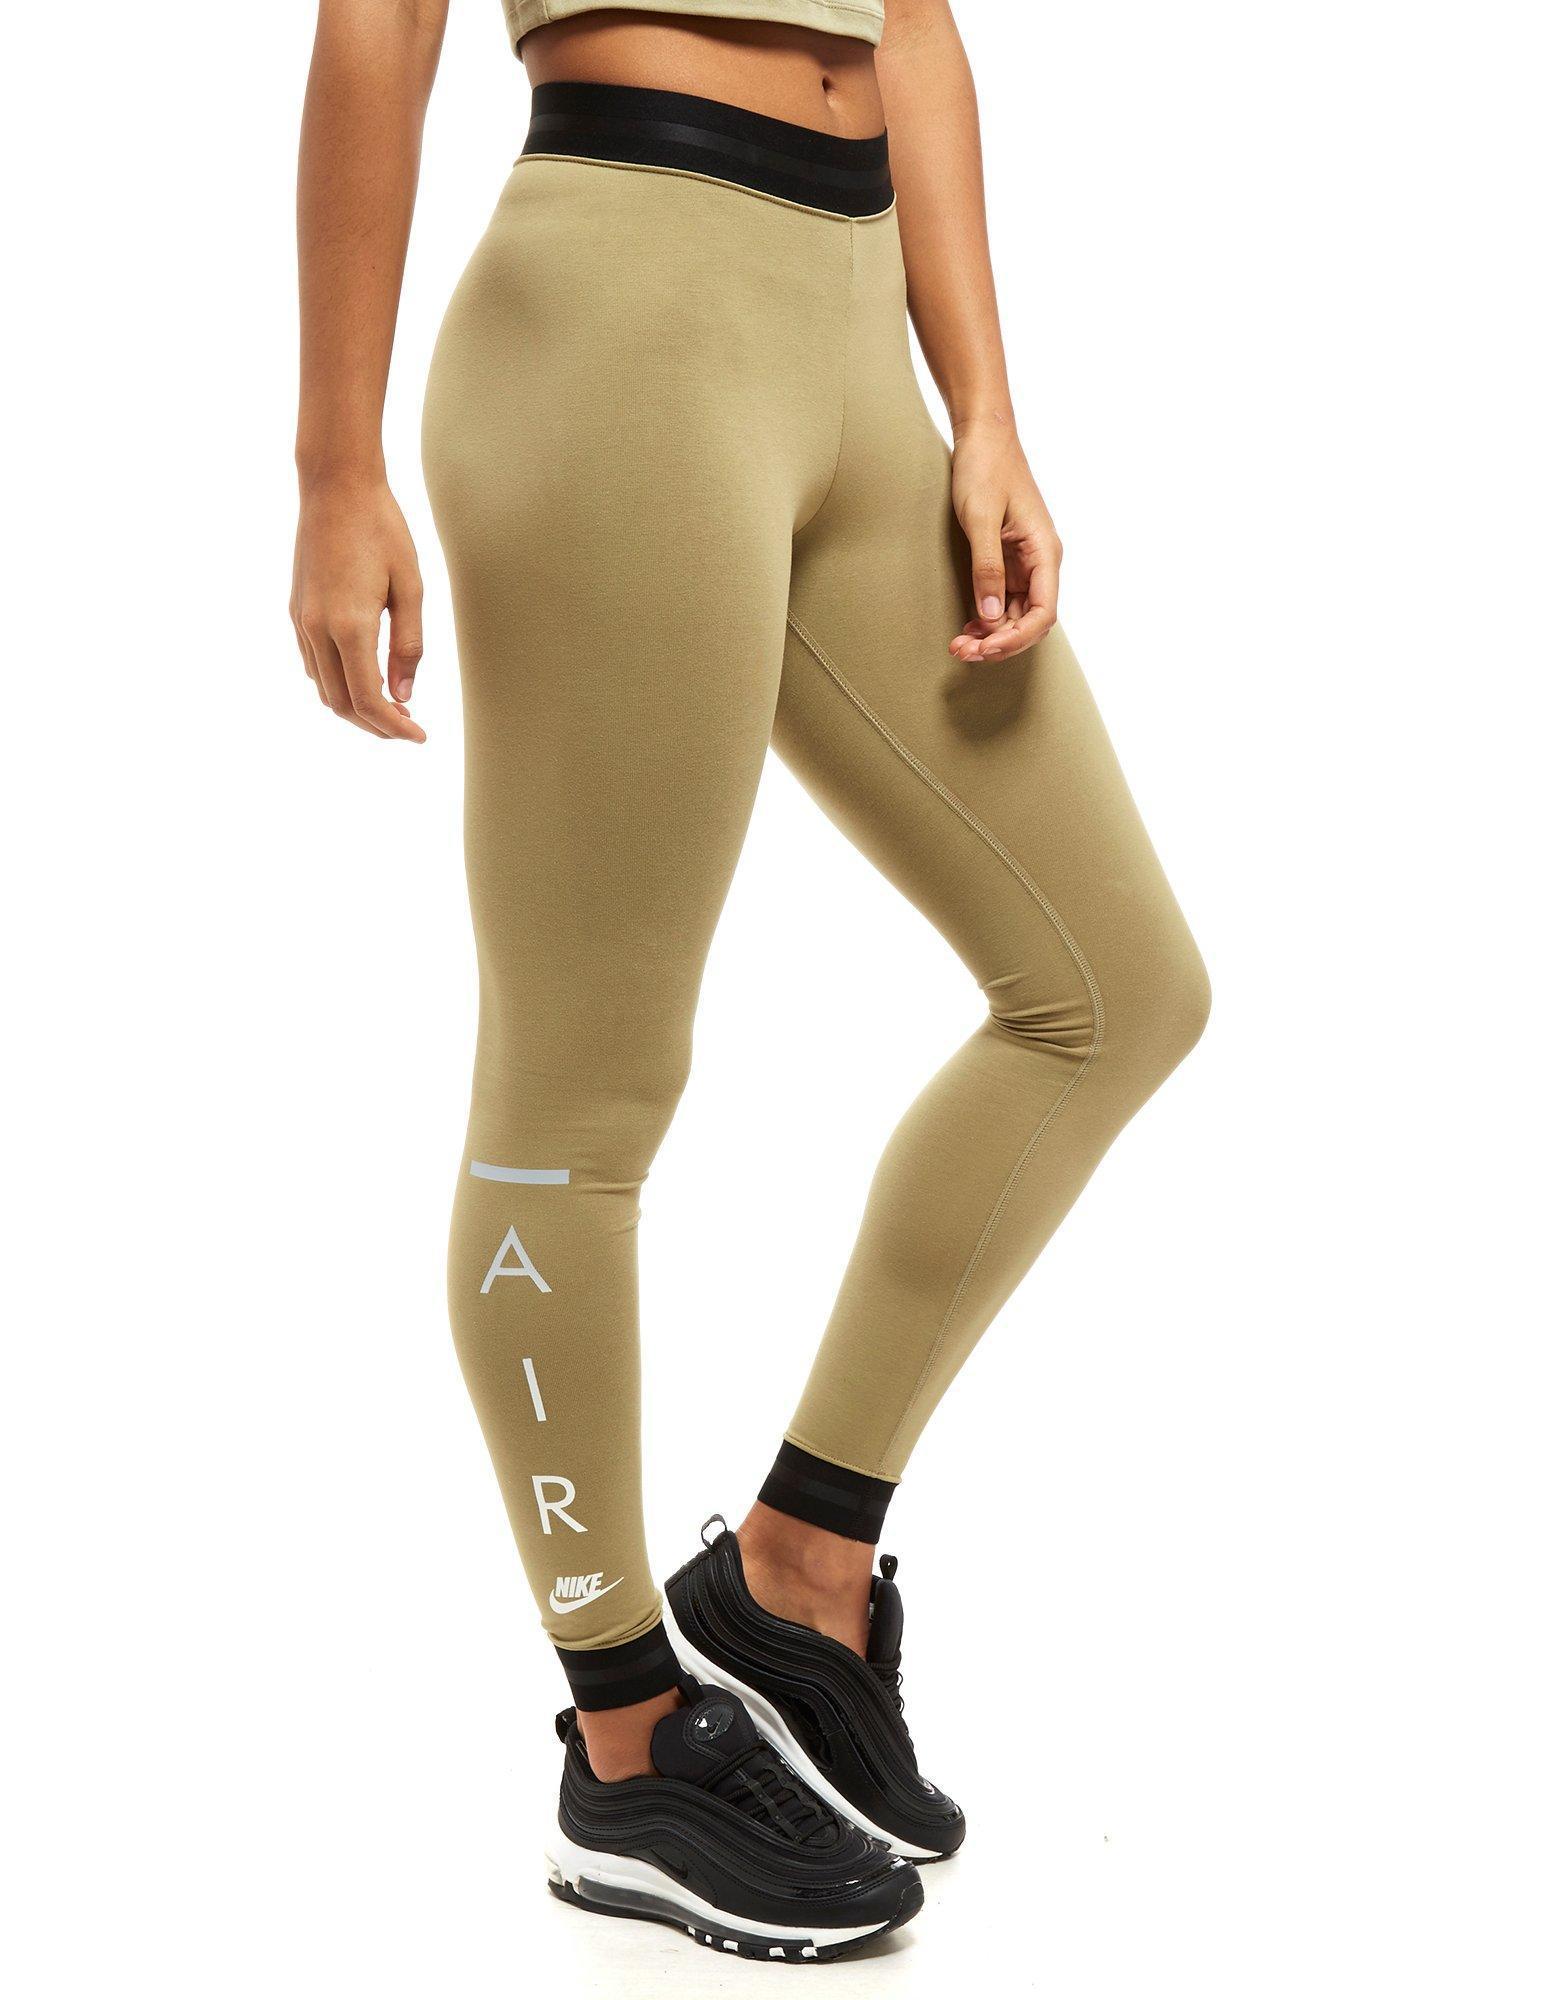 e4a1320cf1b83 Nike Air High Waist Leggings in Natural - Lyst